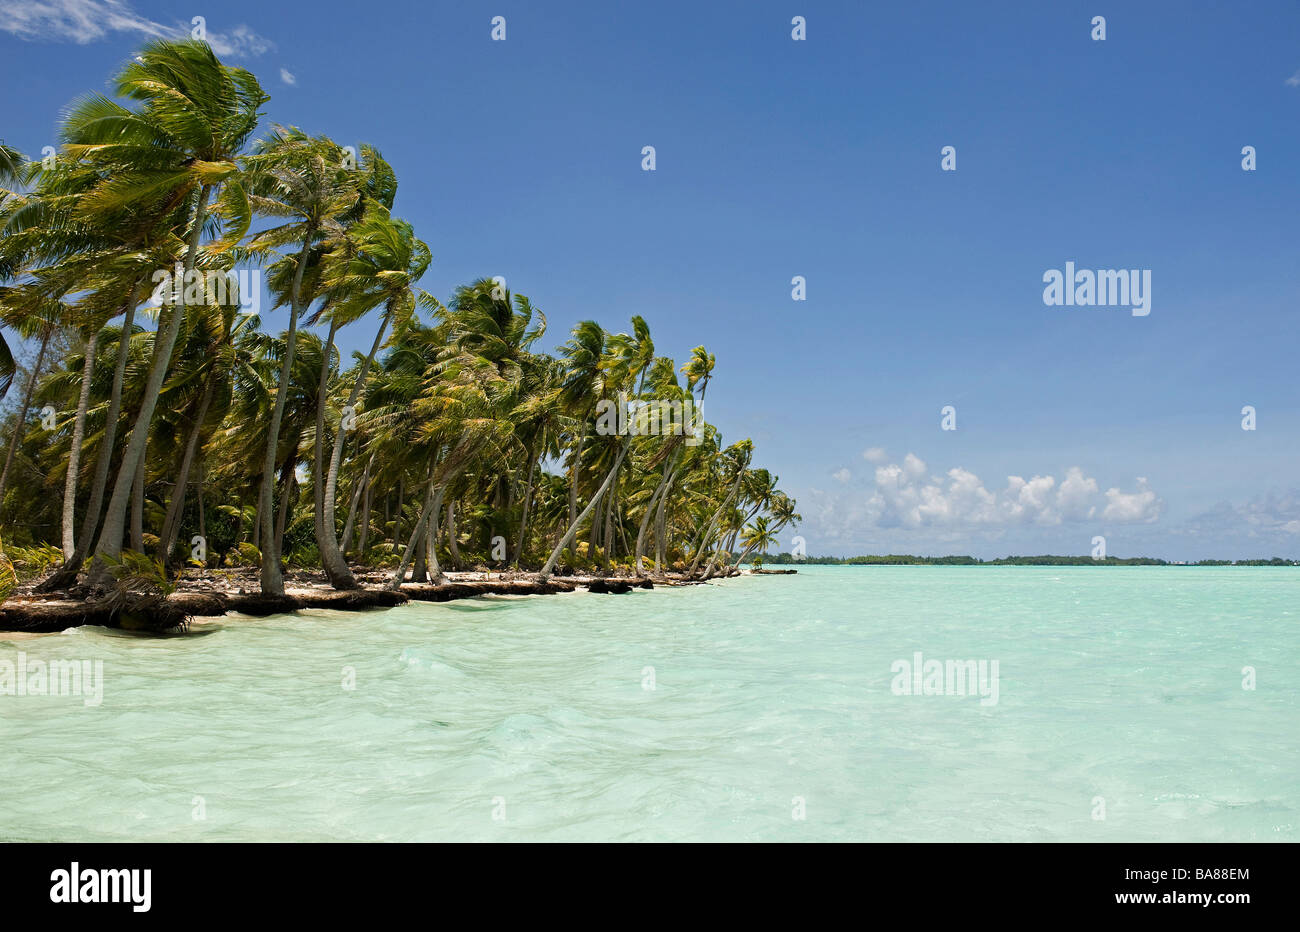 French Polynesia : Bora Bora (island) - Stock Image